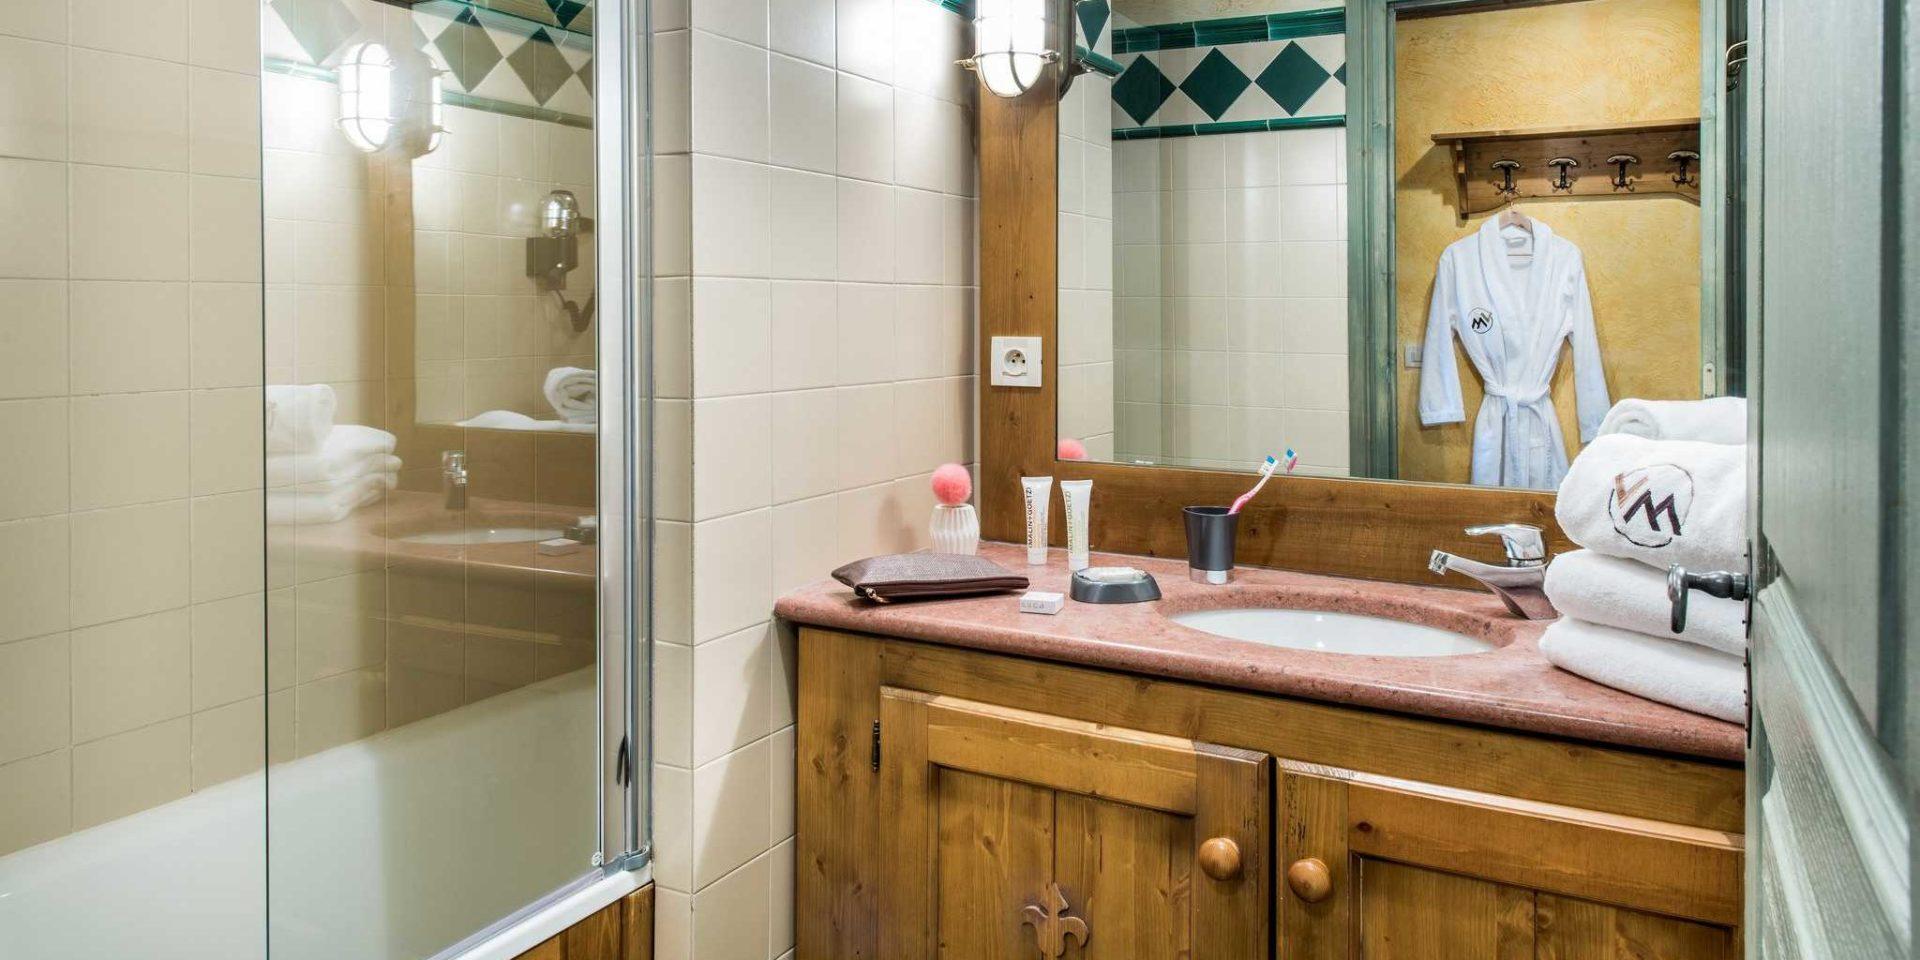 Residences Village Montana Tignes Tignes-Val d'Isere Frankrijk wintersport skivakantie luxe badkamer bad spiegel wastafel badjas handdoeken hout